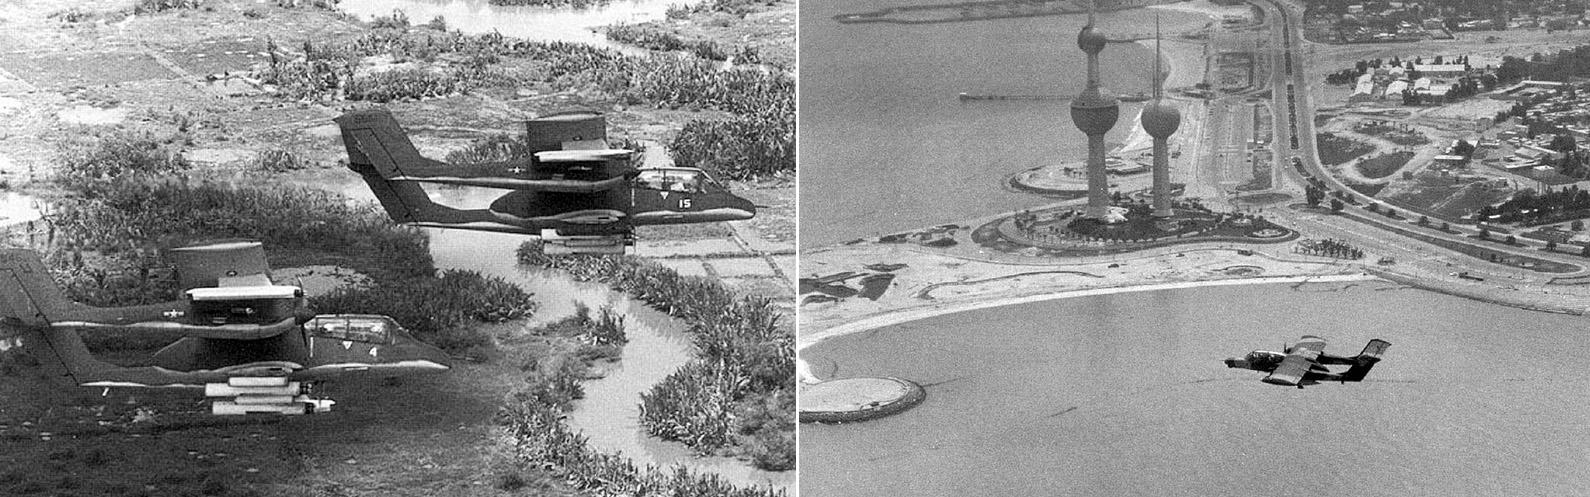 OV-10 Bronco no vietna e no golfo